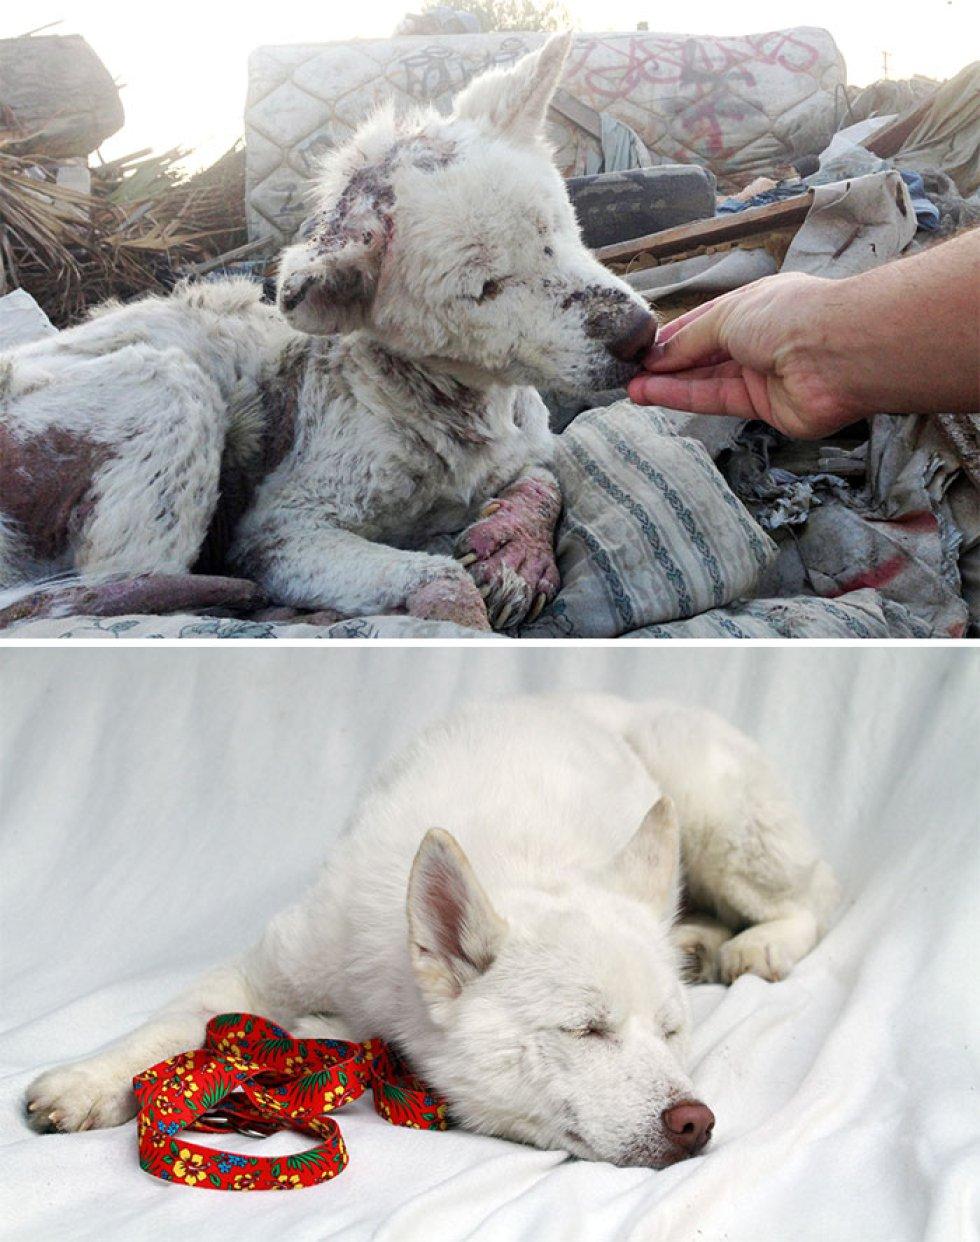 Miley vivía en la basura, tenía heridas severas y casi no podía andar. Ahora está sana y salva en su nuevo hogar